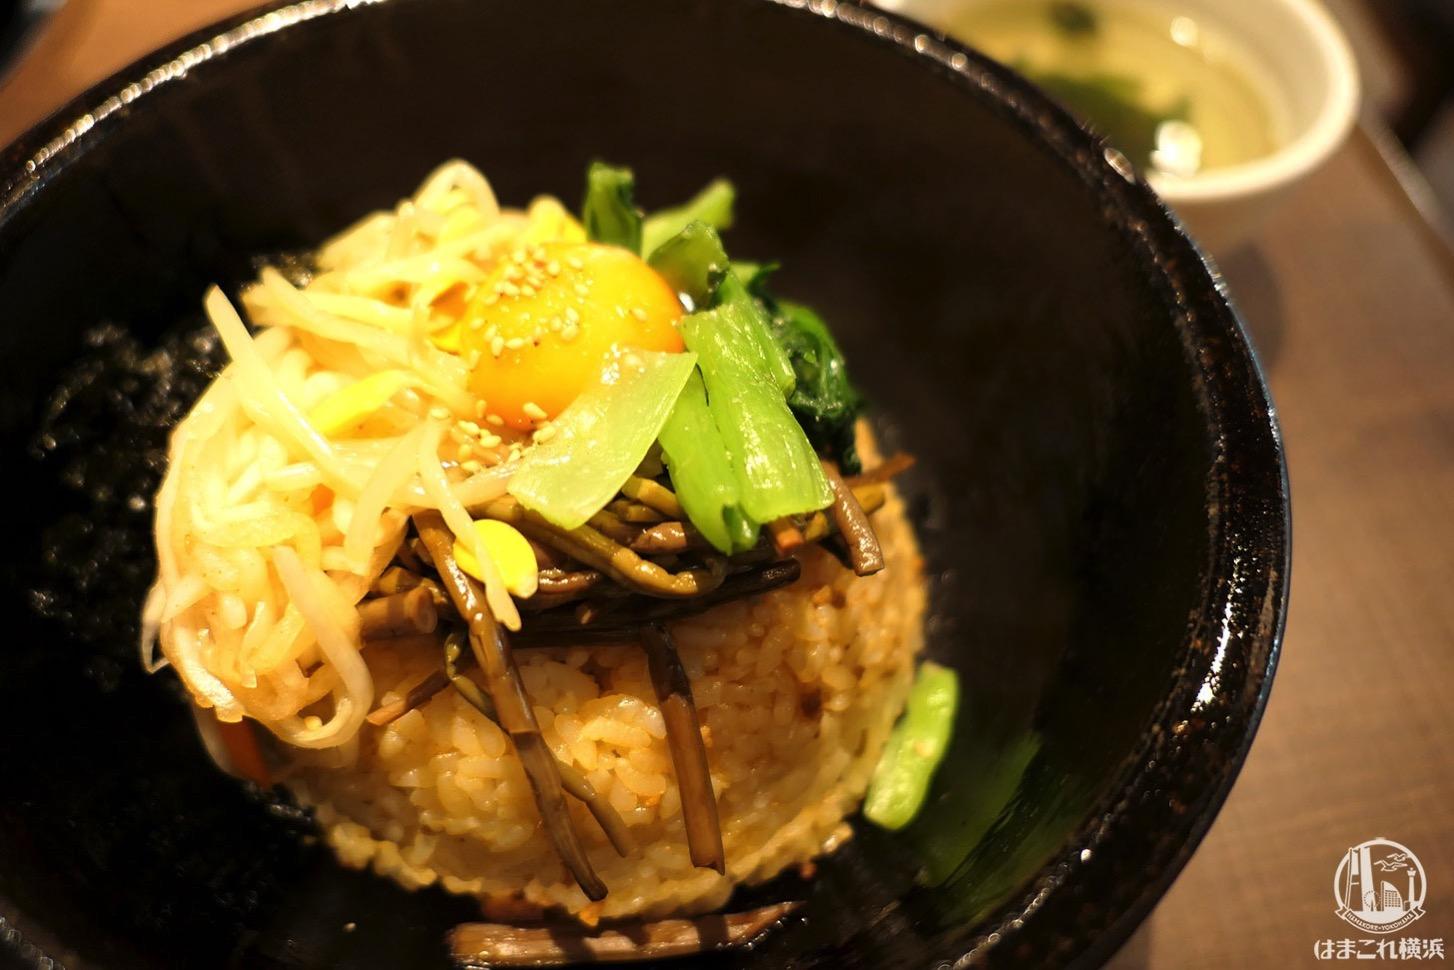 横浜ベイクォーター「コラボ」で石焼ビビンパランチ!本場の韓国料理揃う名店